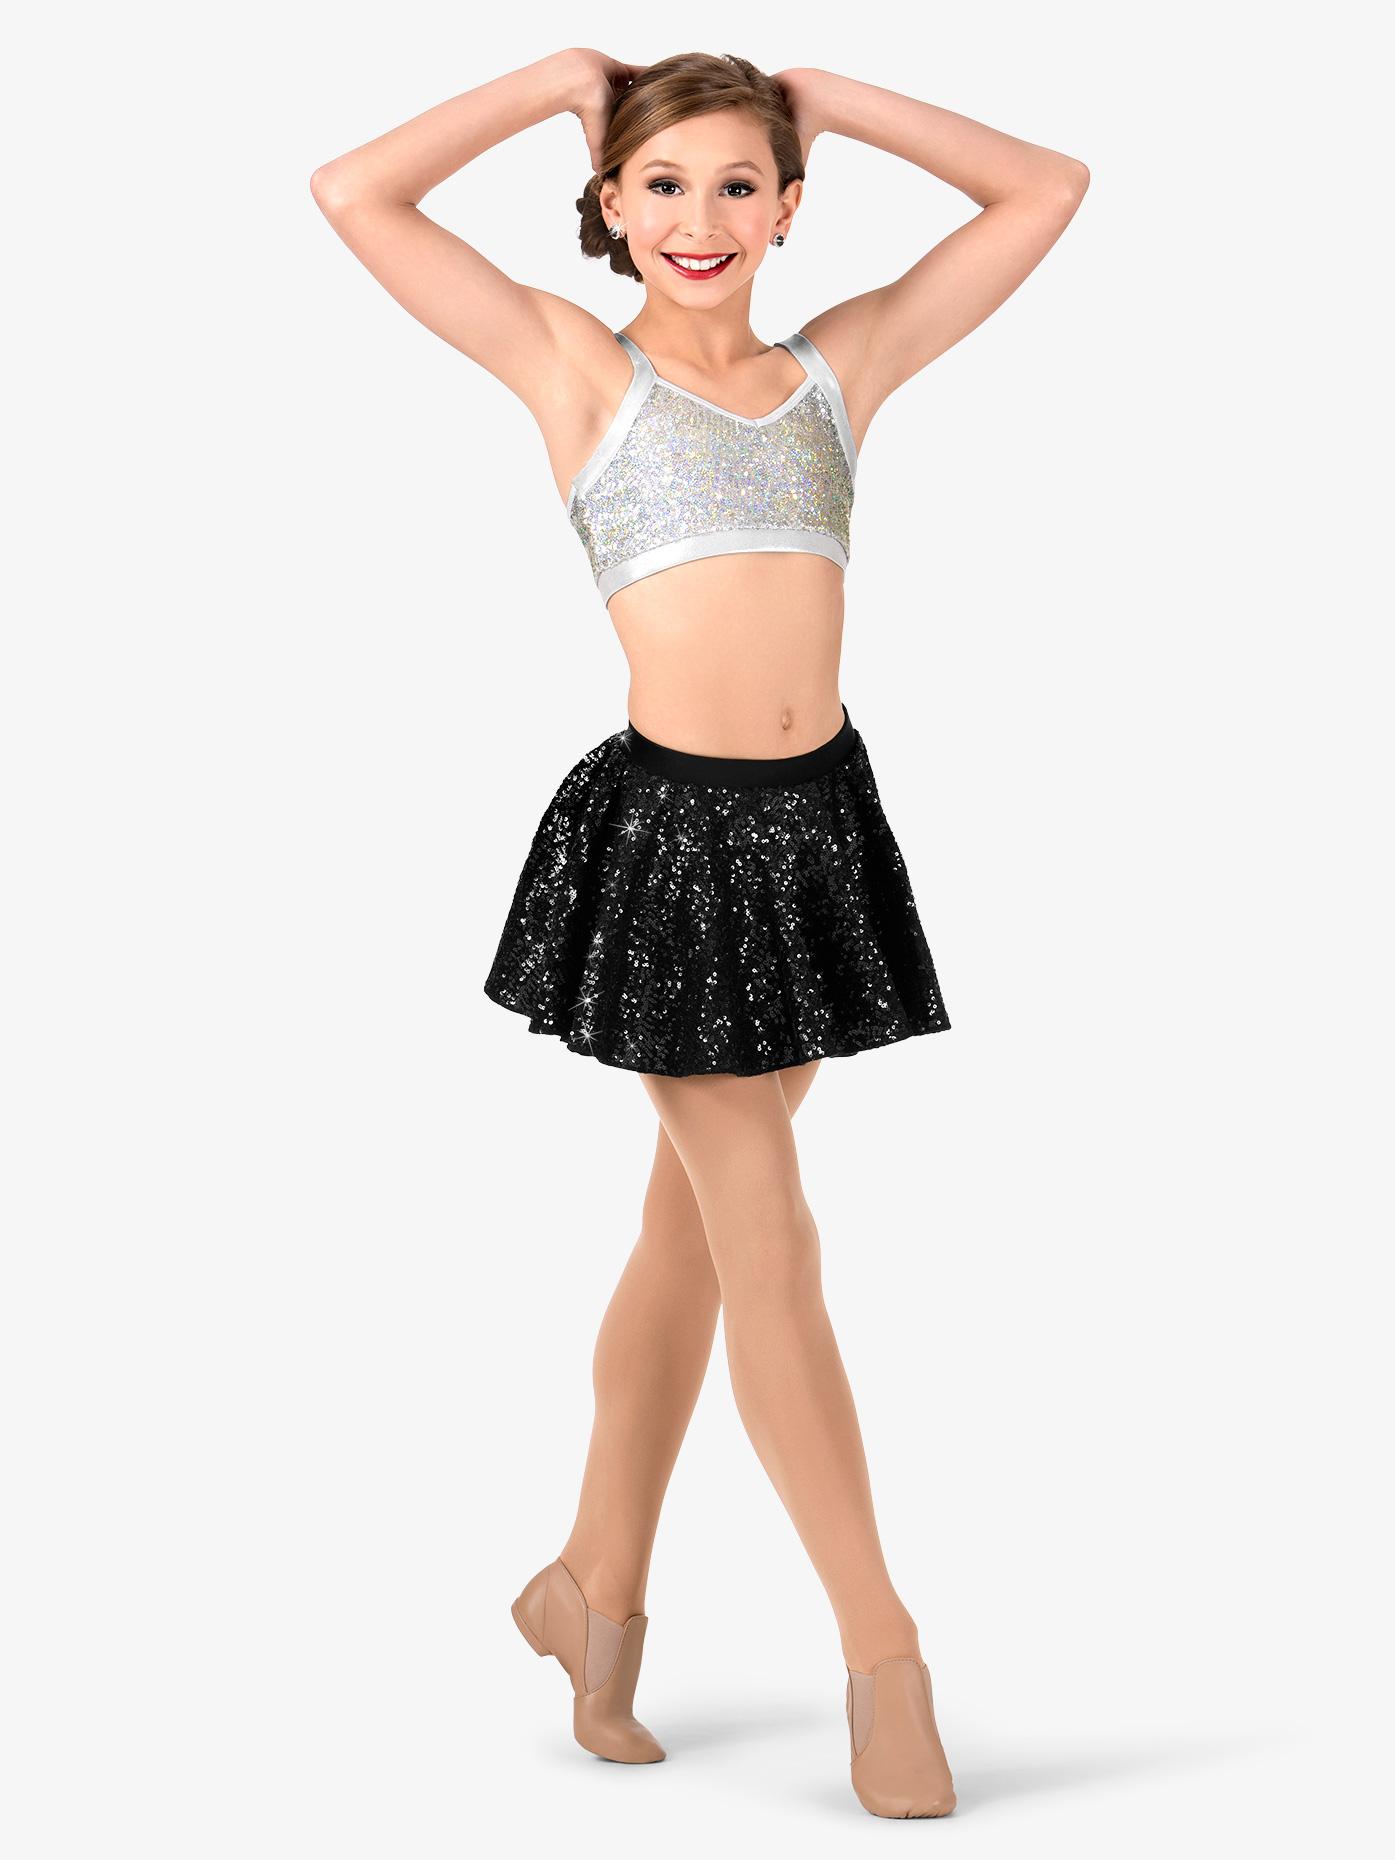 Double Platinum Girls Sequin Skater Performance Skirt N7390C